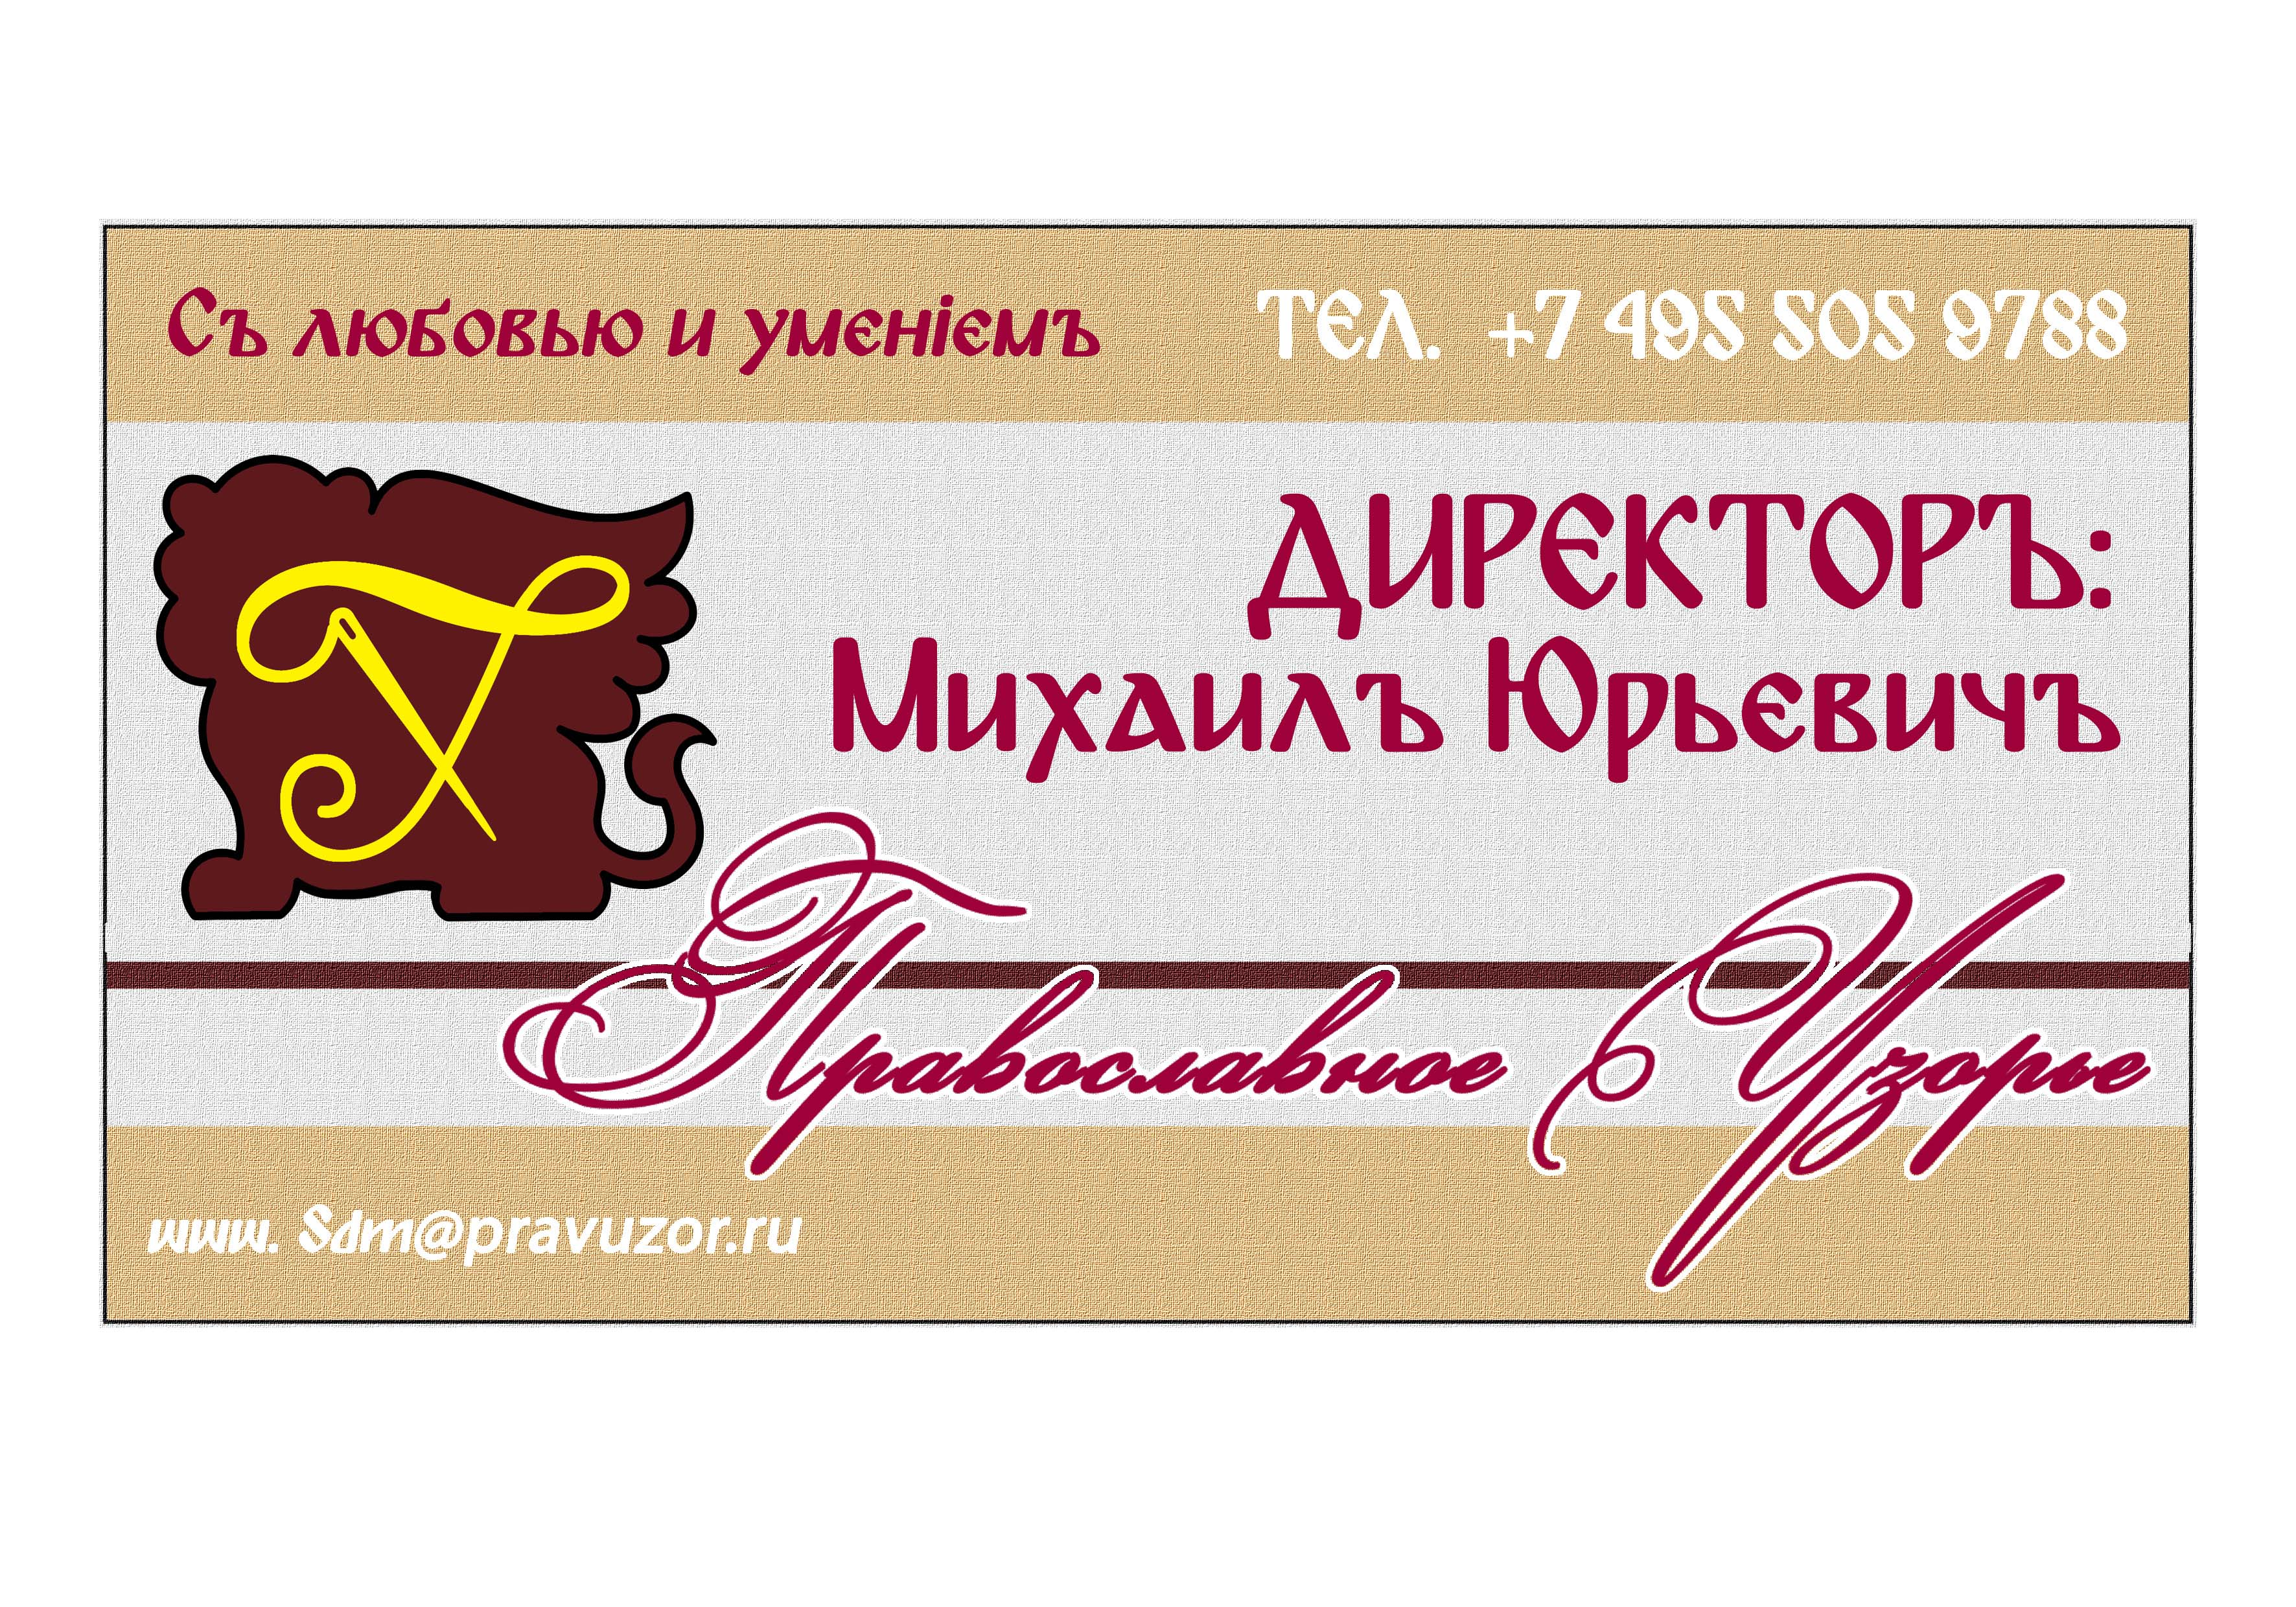 Логотип + визитка + сайт фото f_7945b0edb31ed257.jpg